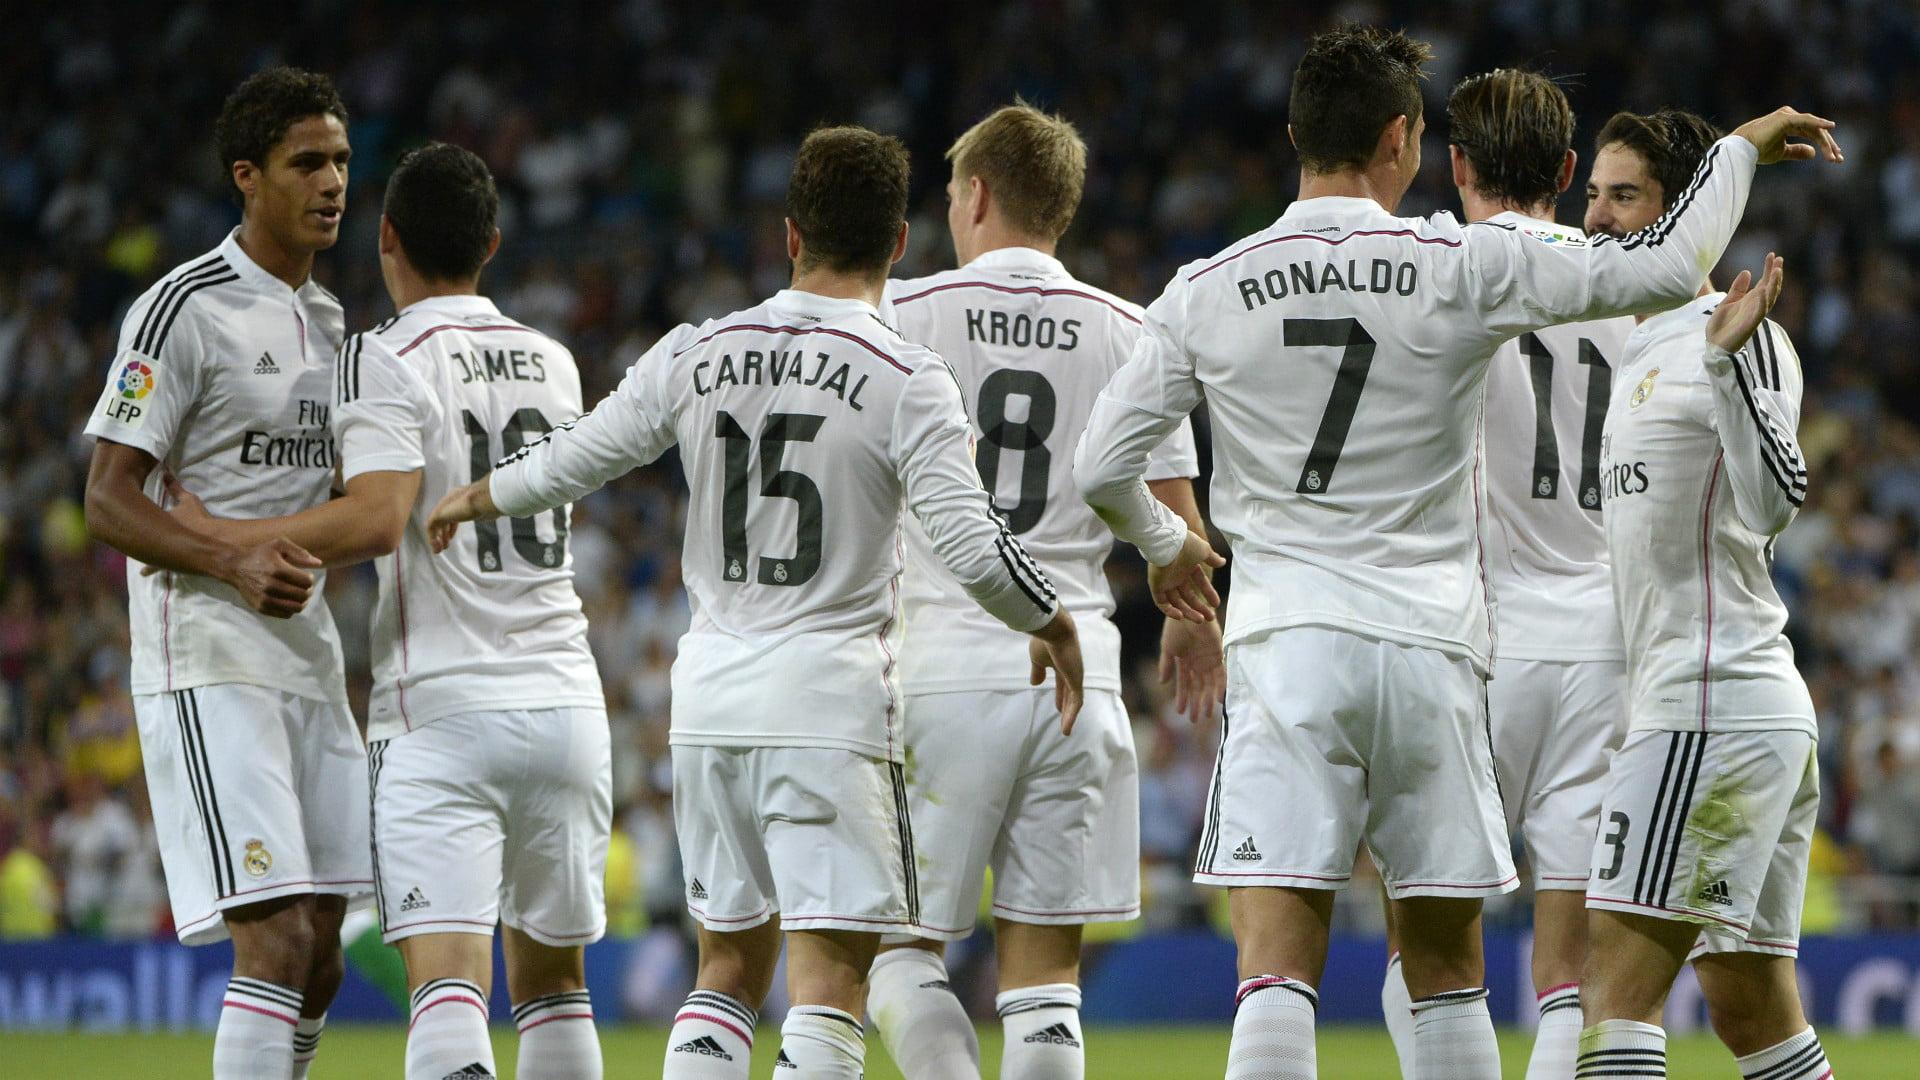 ريال مدريد قد يتورط من جديد... والسبب؟؟